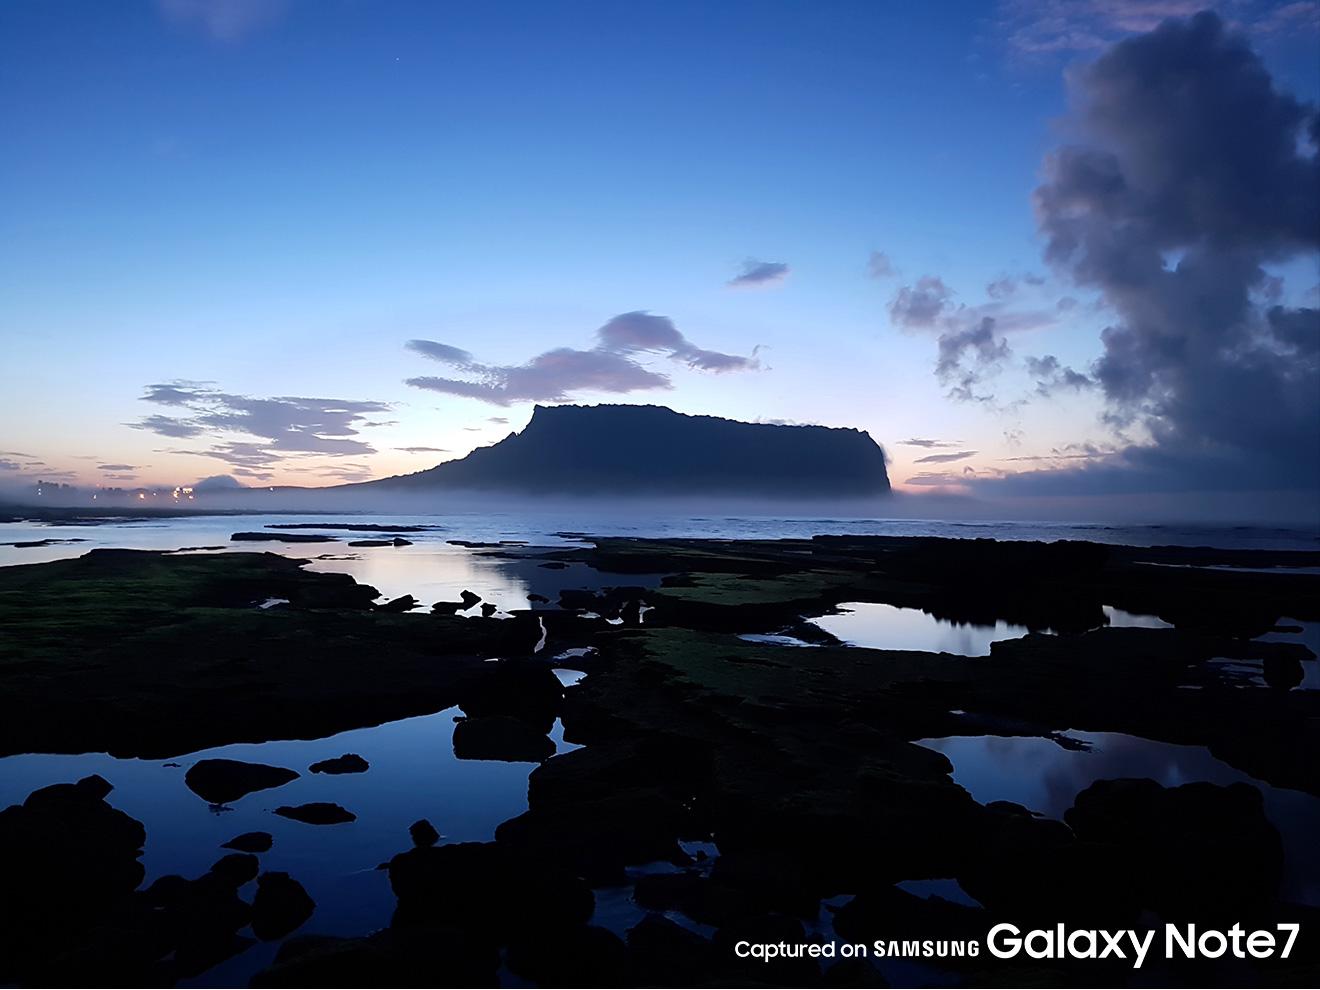 Ngắm nhìn những hình ảnh tuyệt đẹp chụp từ camera Galaxy Note 7